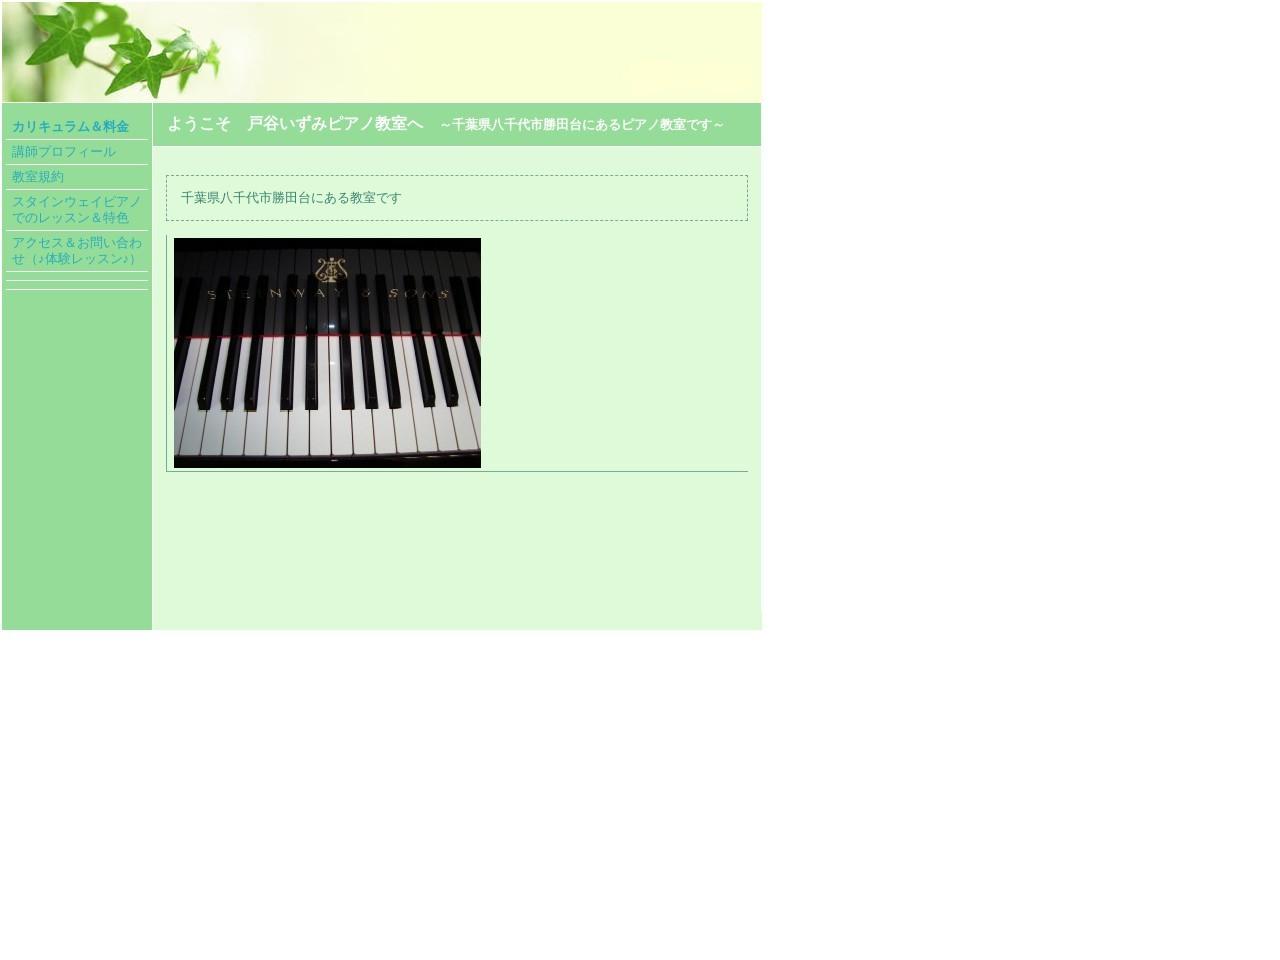 戸谷いずみピアノ教室のサムネイル